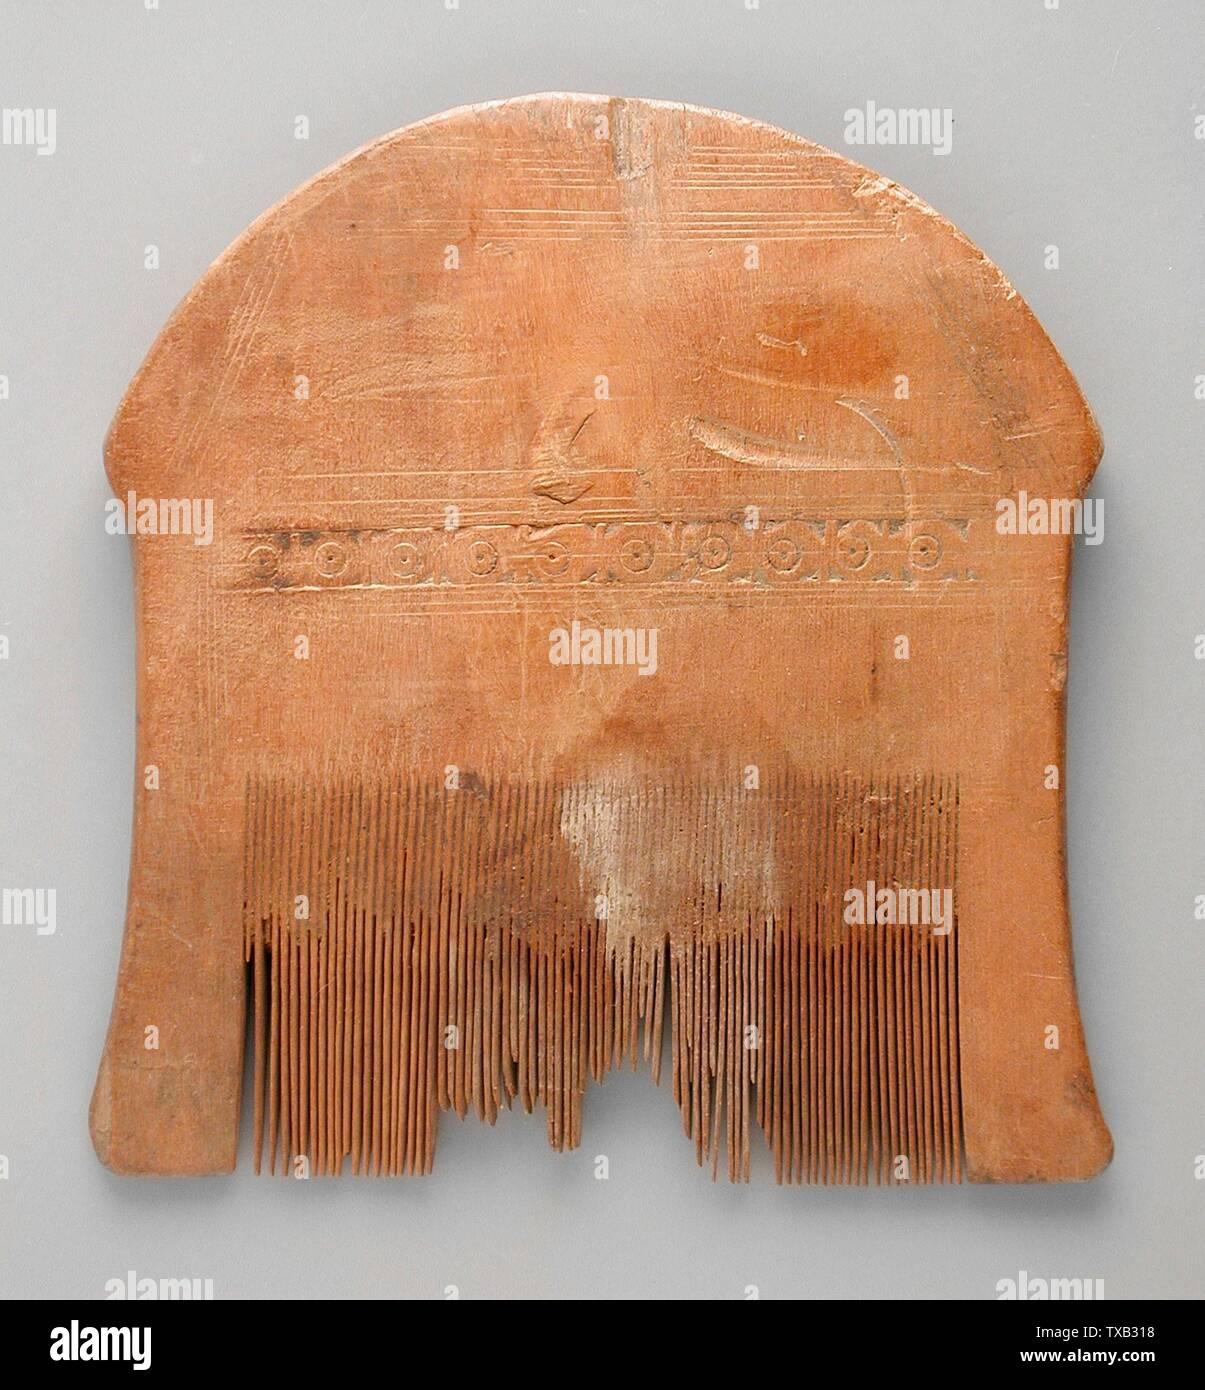 La palette 'Peigne manche; Anglais: Egypte, période copte (500 - 1000) ou plus tard les outils et l'équipement; Bois peignes Don de Jerome F. Snyder (M.80.202.259) L'art égyptien; période copte (500 - 1000) ou plus tard; ' Photo Stock